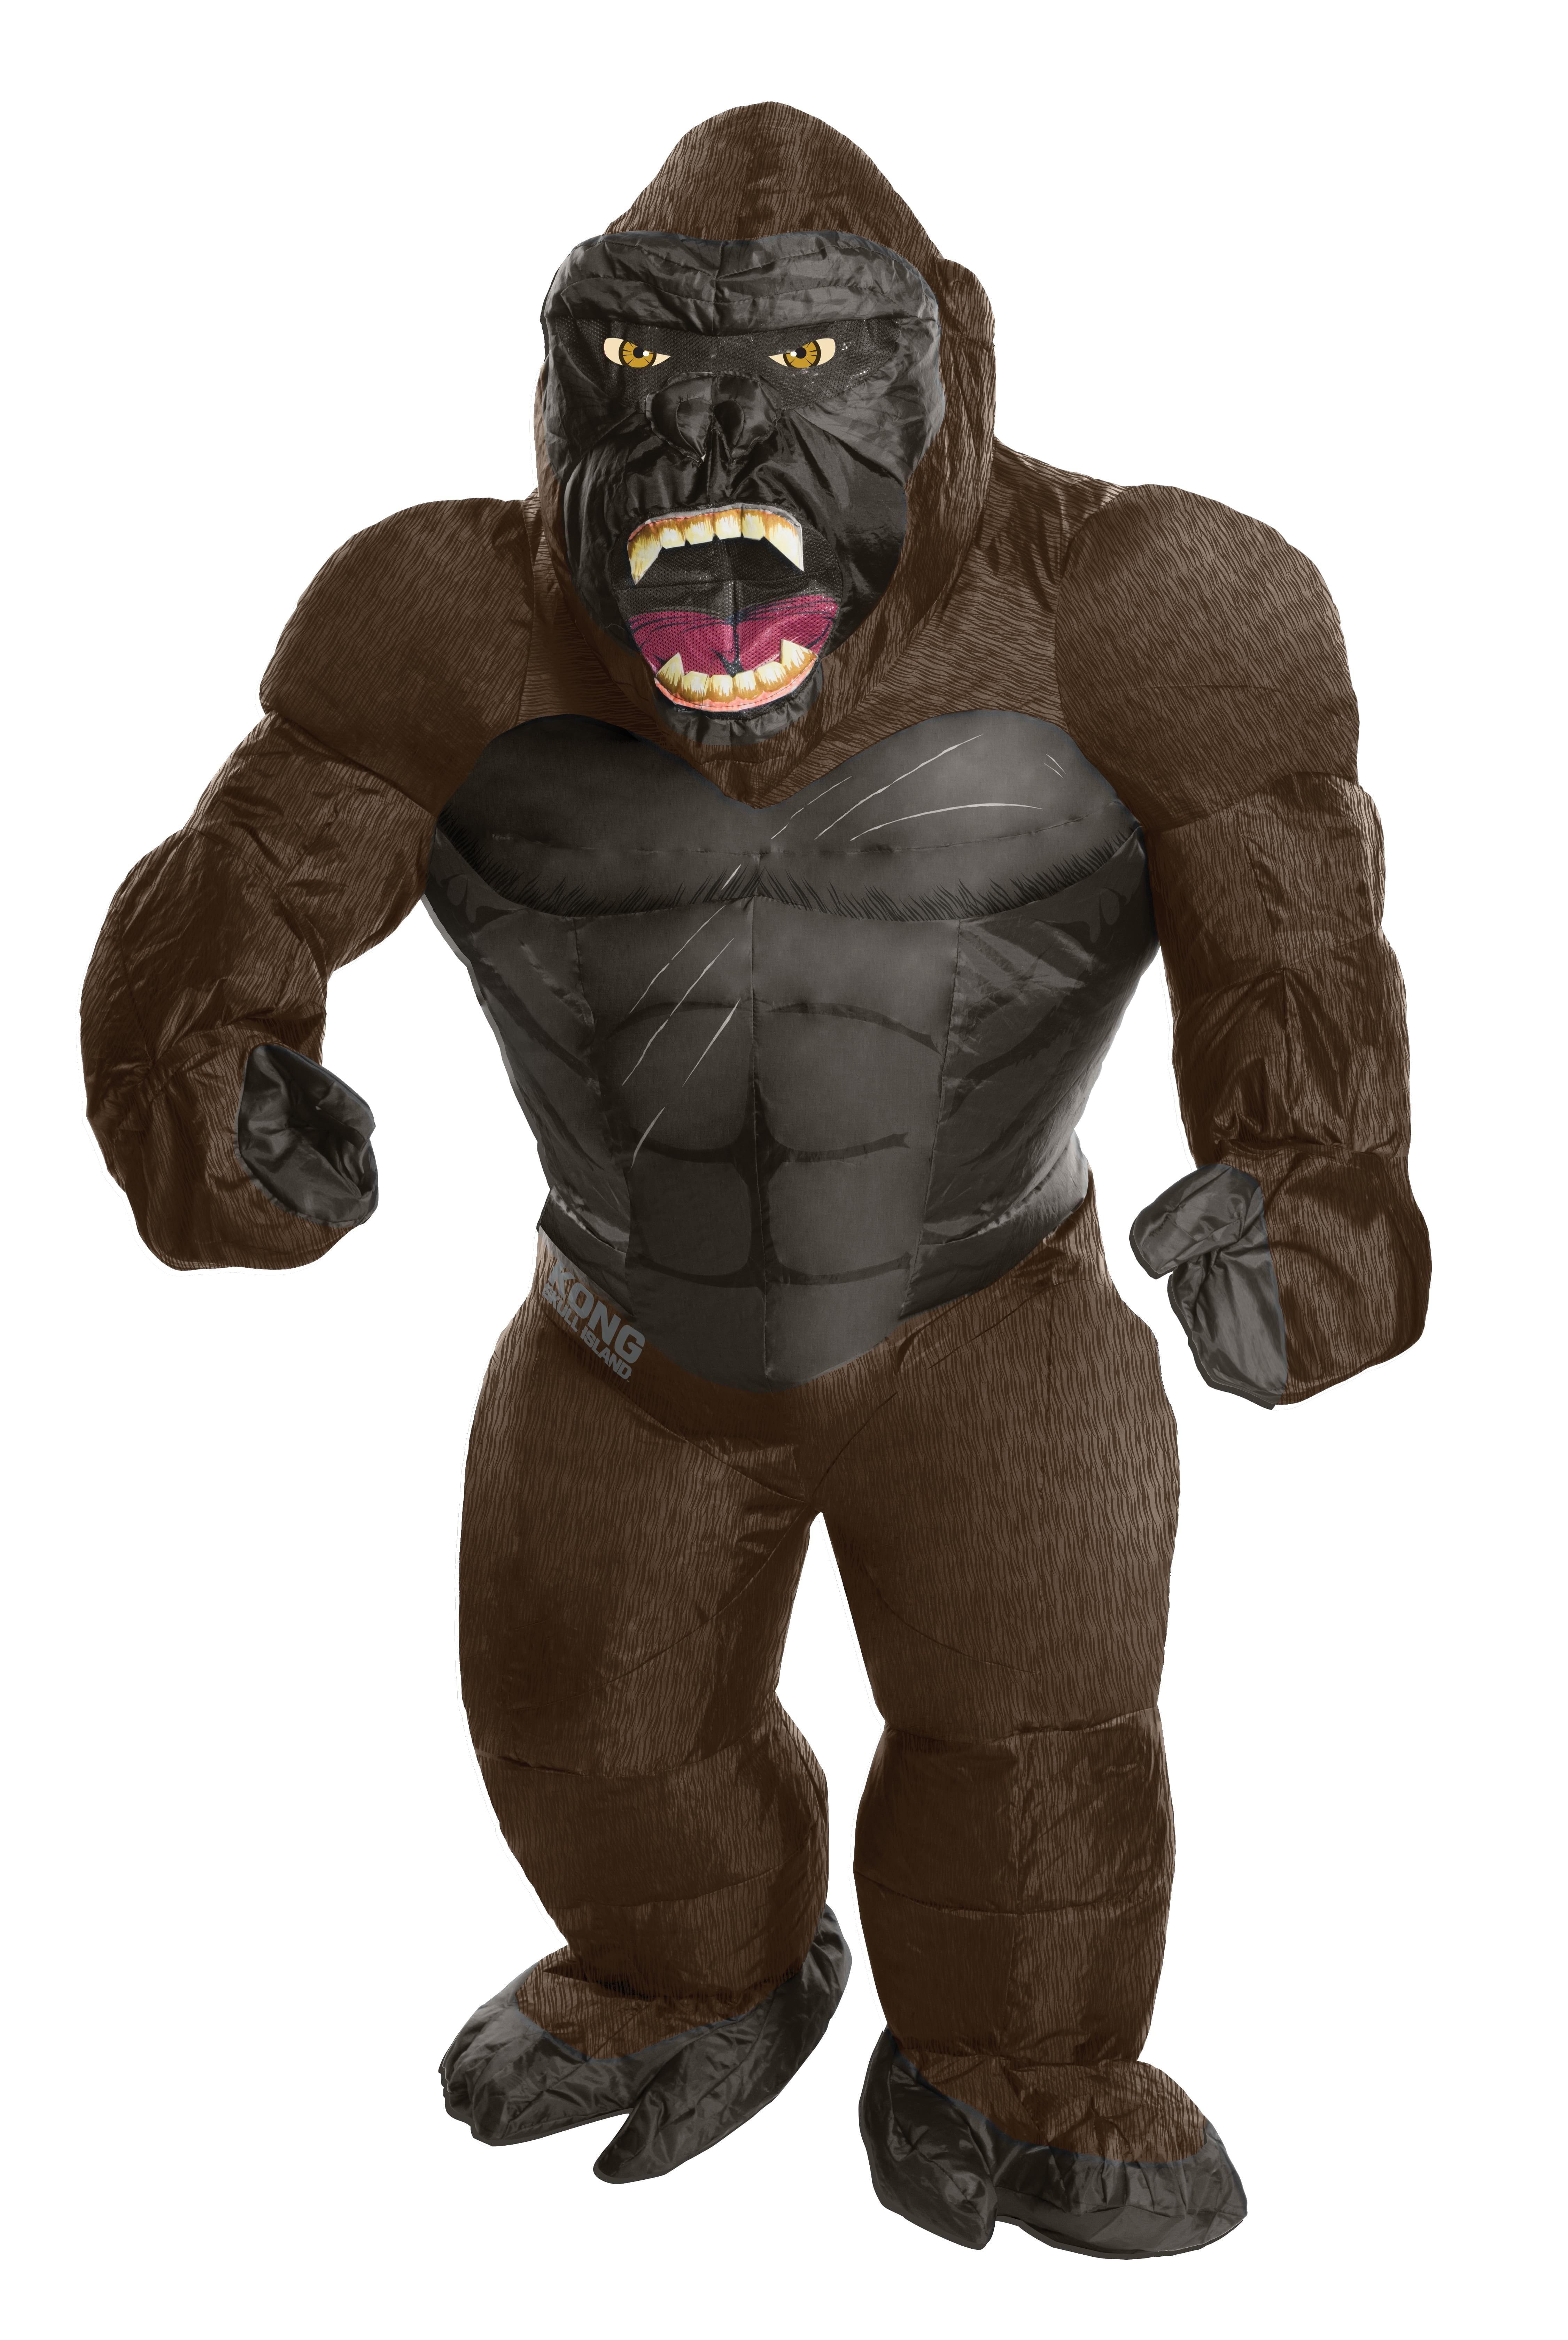 King Kong Inflatable Adult Costume -0